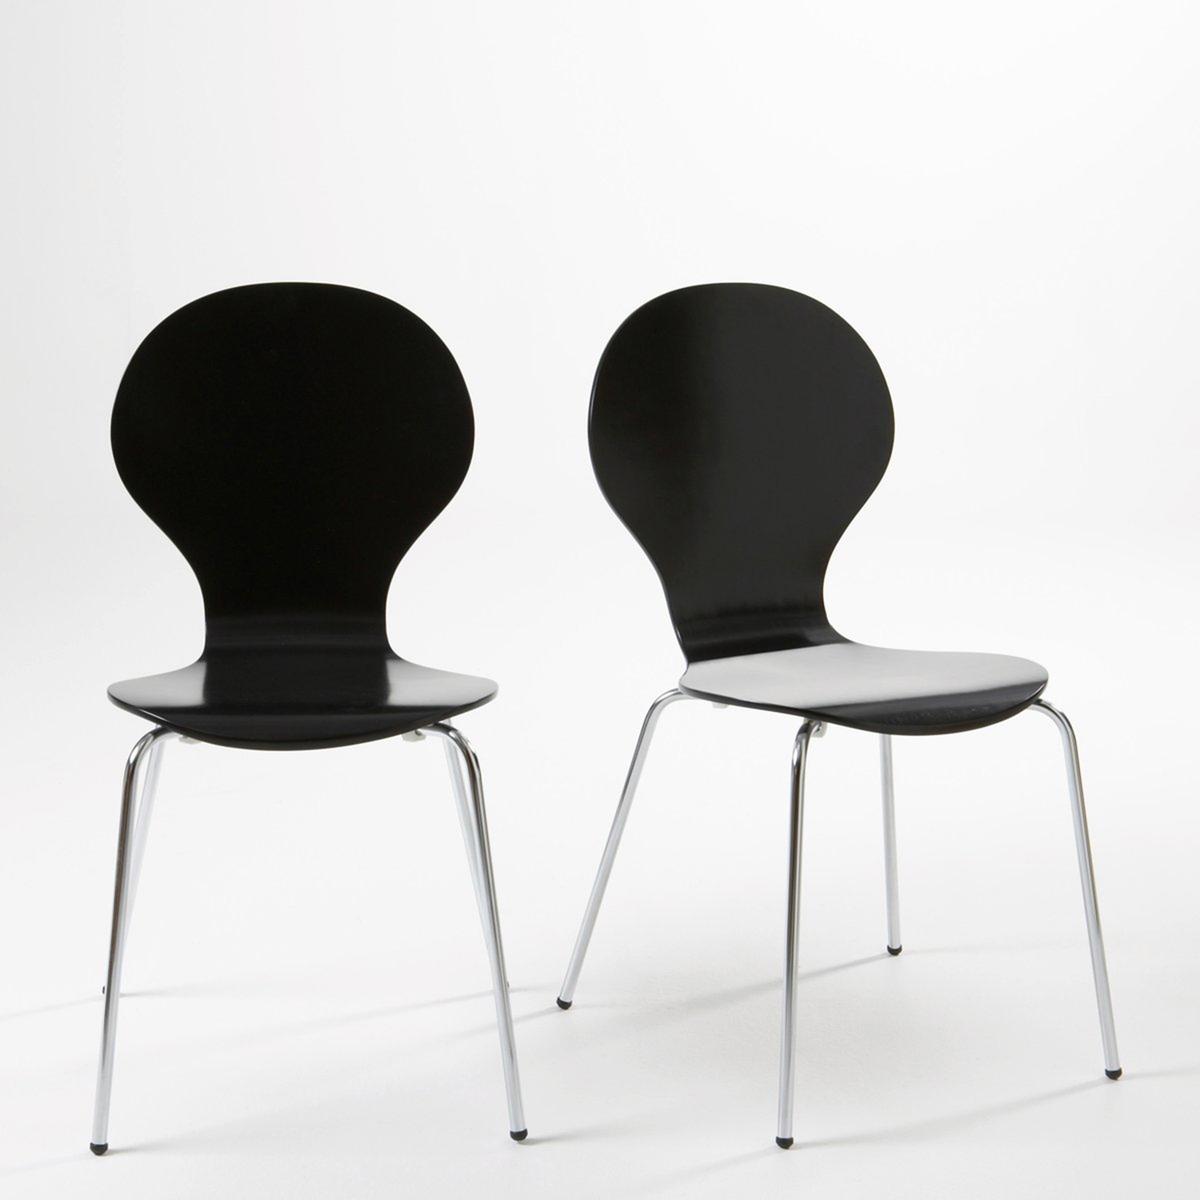 2 стула с выгнутыми спинками Janik2 стула с выгнутыми спинками Janik  . Выгнутый стул Janik изящной округлой формы и невероятно удобный   .Описание стульев Janik :Округлая выгнутая форма  Можно ставить друг на друга.Продаются по 2 шт одного цвета Характеристики стульев Janik :Корпус из мультиплекса гельвеи с НЦ-лакировкой (толщина 11 мм) .Ножки из стальной хромированной трубы (диаметр 16 мм).Найдите коллекцию Janik на сайте laredoute.ruКачество :Качество Valeur S?re за производство и детальную отделку изделий  .Размеры стульев Janik :Ширина : 49 см   Высота : 80 смГлубина : 46 смРазмеры и вес упаковки :1 упаковка70 x 47 x 30 см - 10,6 кг Доставка :Стулья Janik продаются готовыми к сборке  . Доставка до квартиры !Внимание ! Убедитесь, что товар возможно доставить на дом, учитывая его габариты (проходит в двери, по лестницам, в лифты).<br><br>Цвет: белый,светло-серый,черный<br>Размер: единый размер.единый размер.единый размер